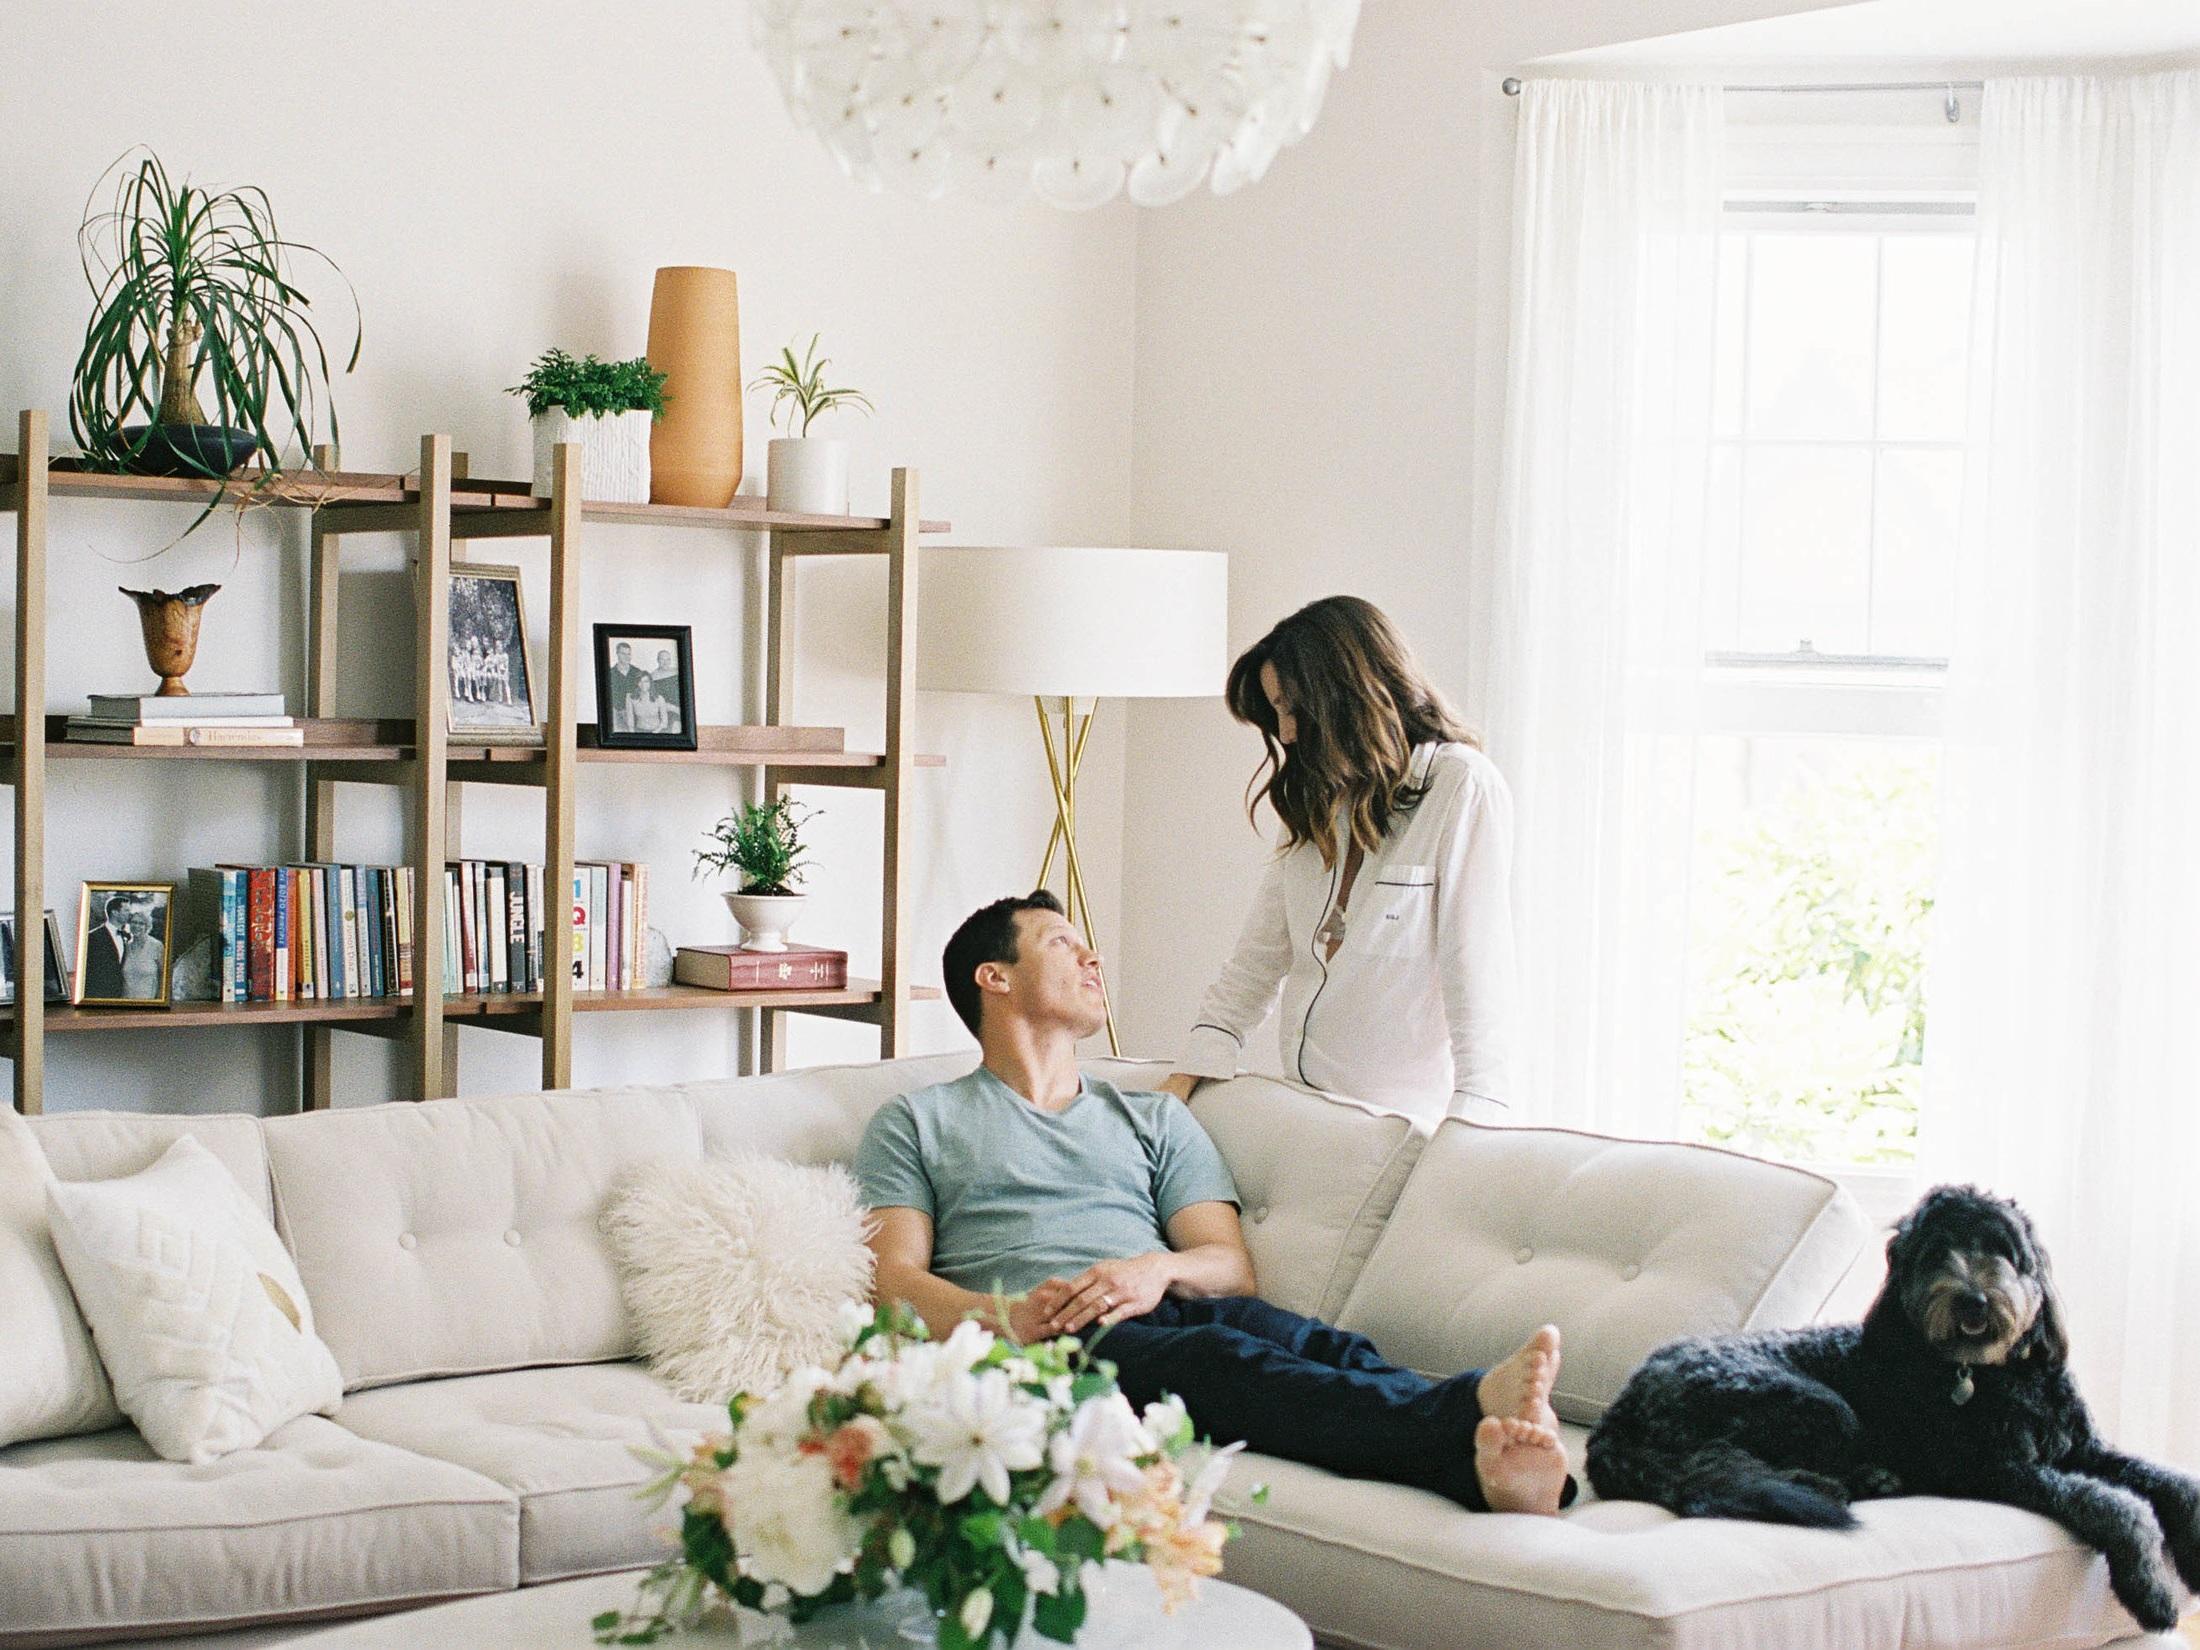 Elise & Robert - San Francisco Maternity